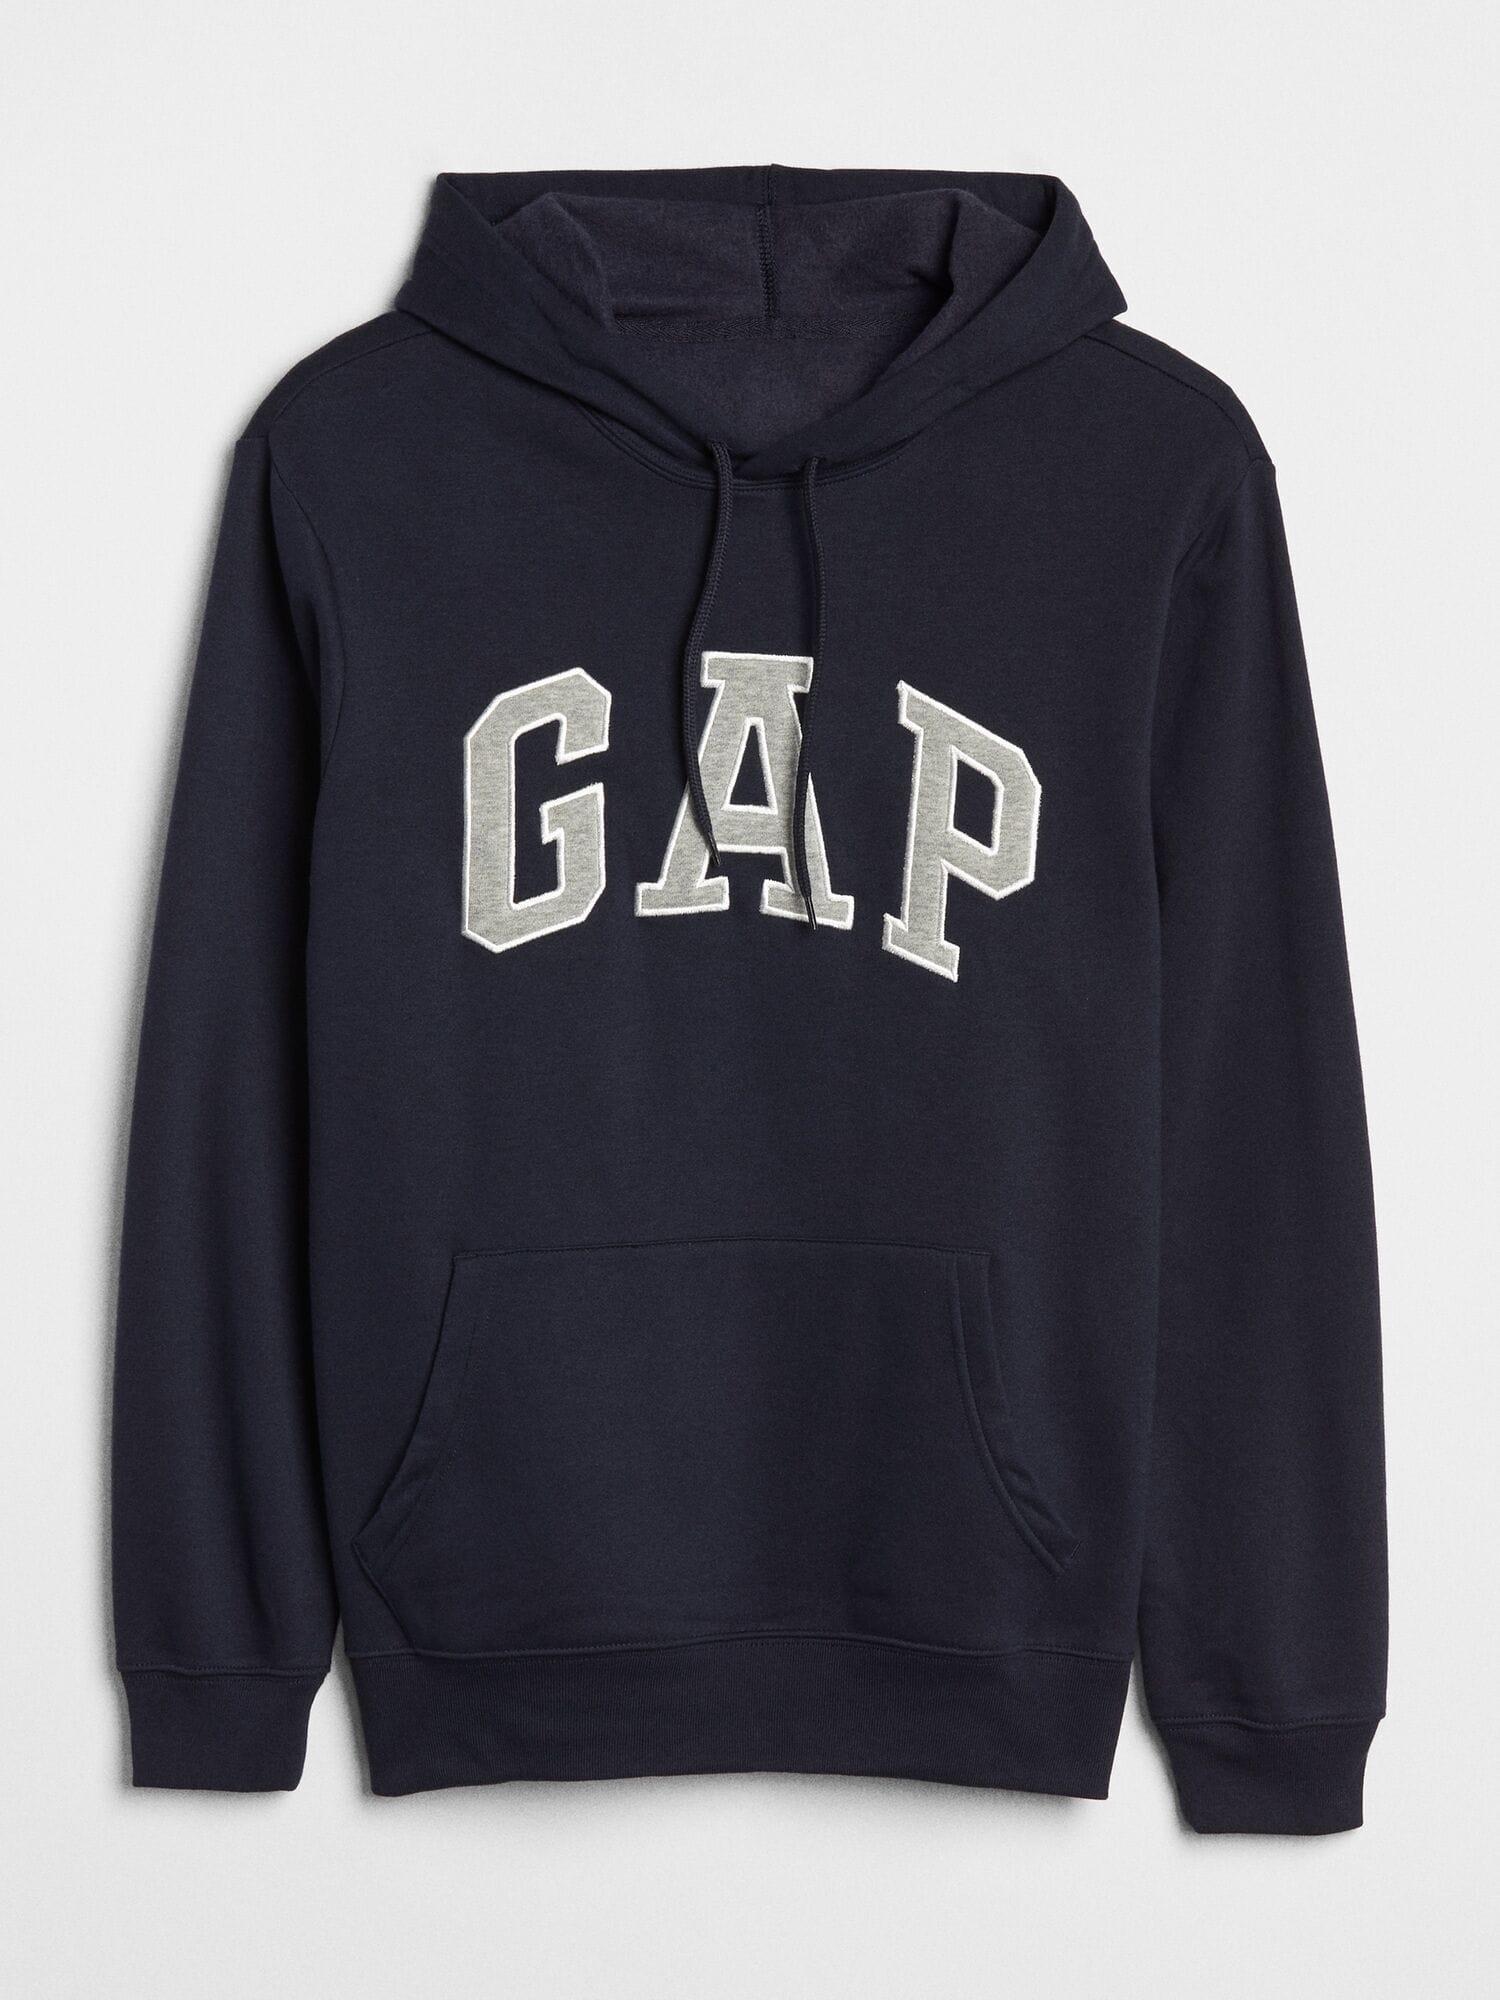 Gap bluza LOGO rozmiar L nowa